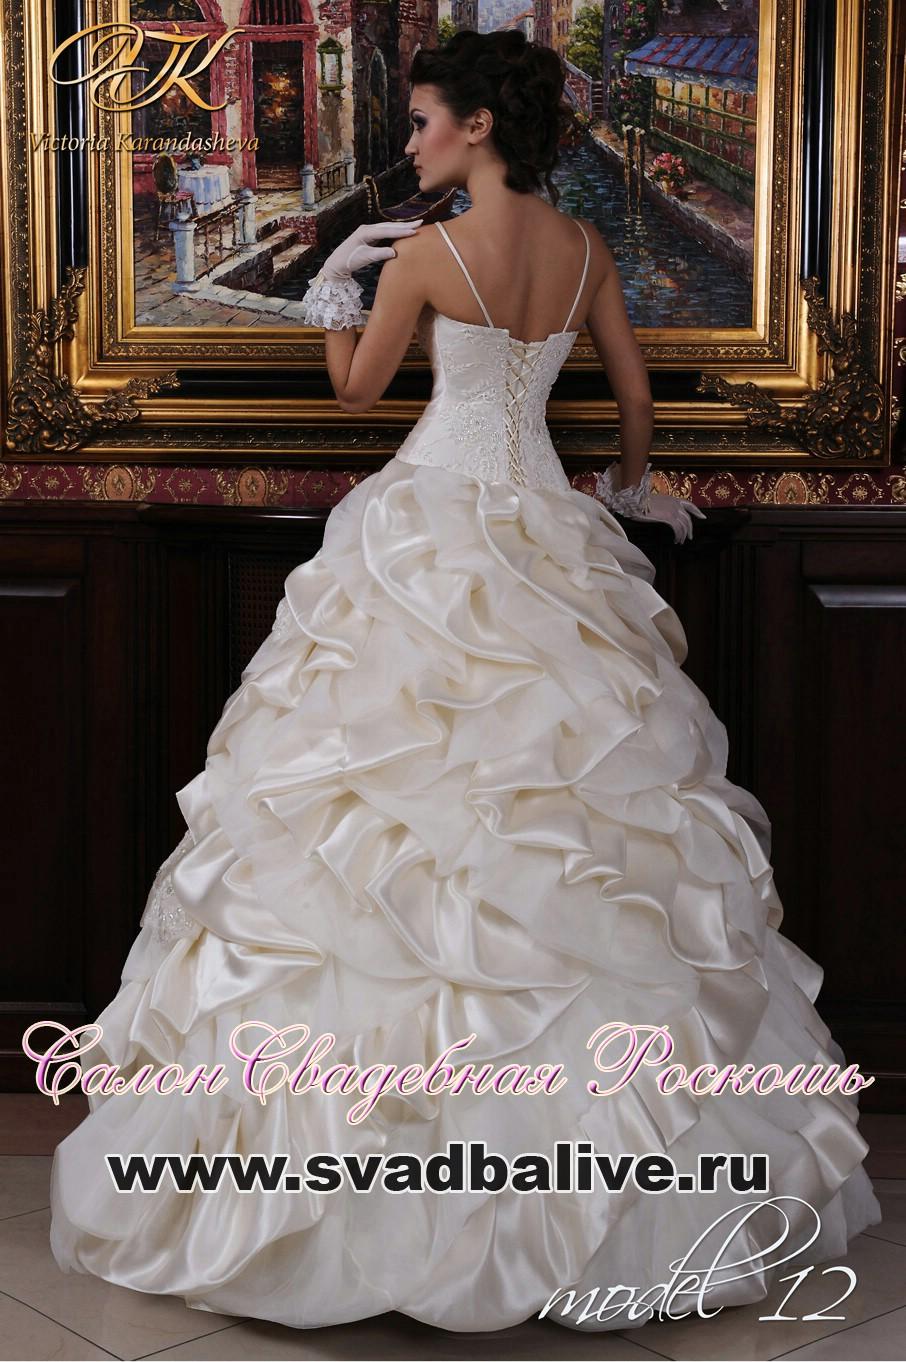 Фото свадебных платьев донецка